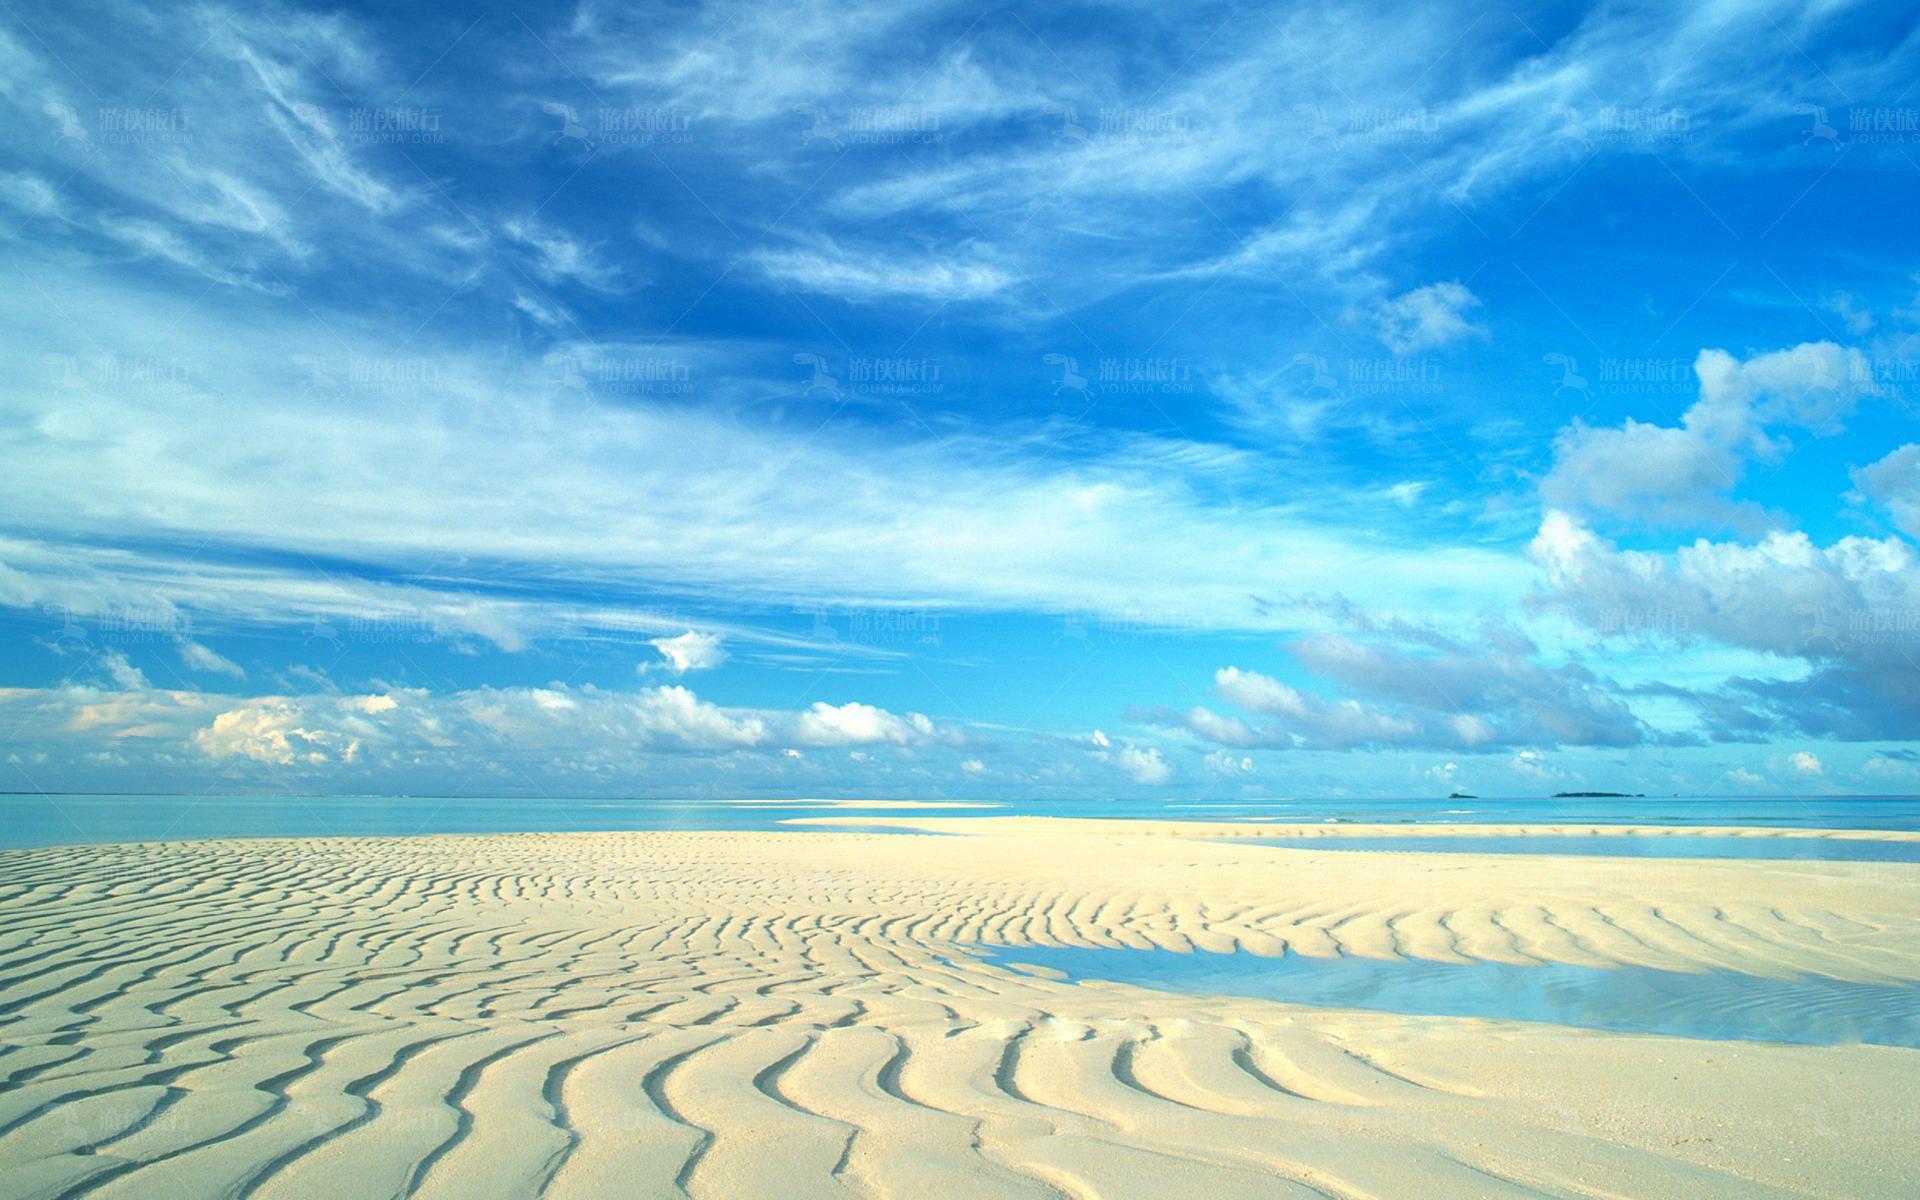 马代无污染沙滩